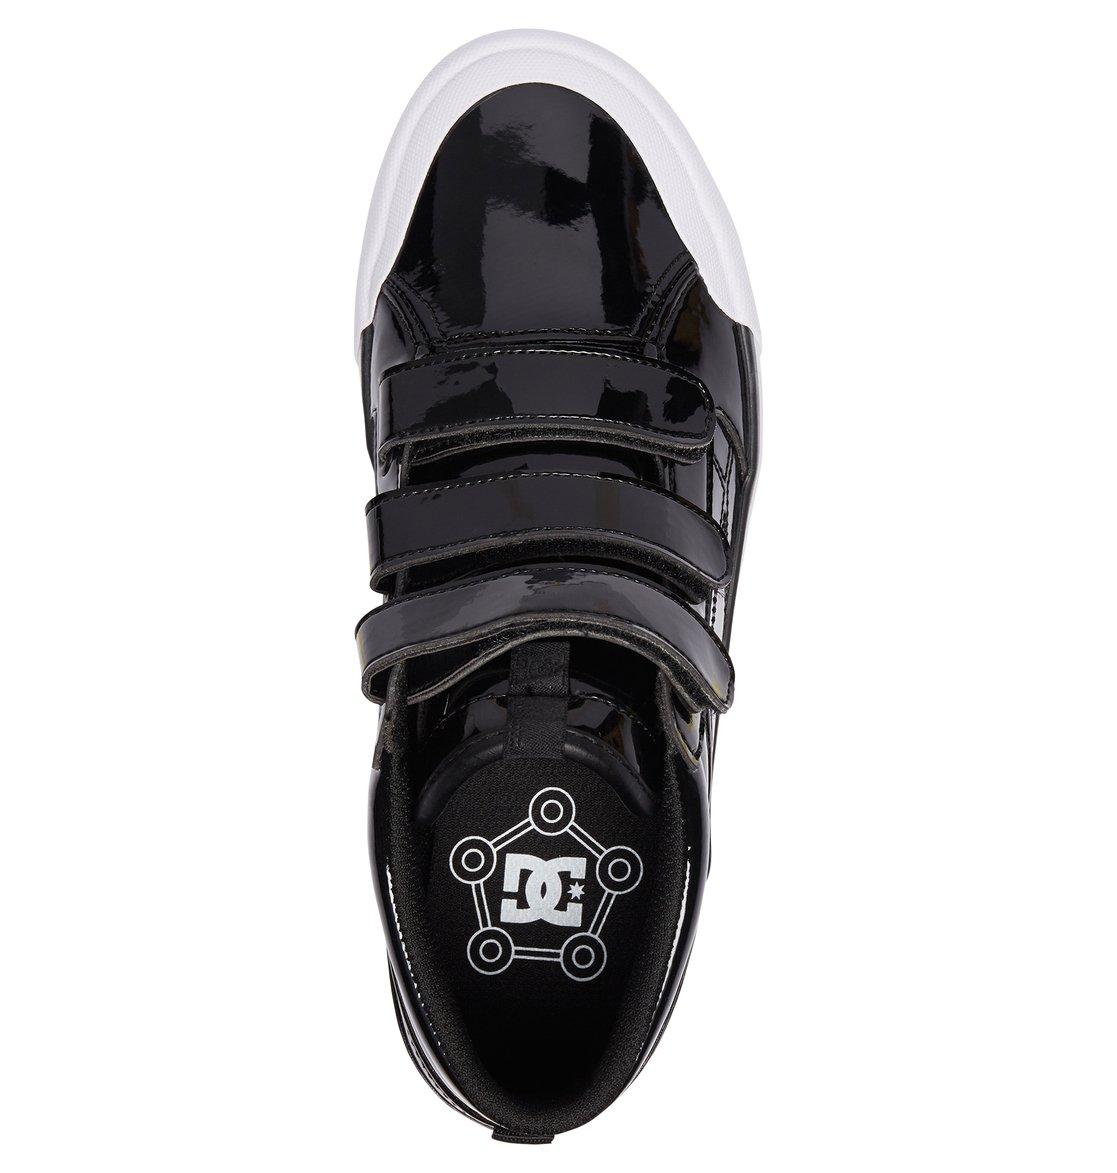 Dc Chaussures Montantes Se Femme V Pour Adjs300200 Evan Shoes Hi wq86P16f